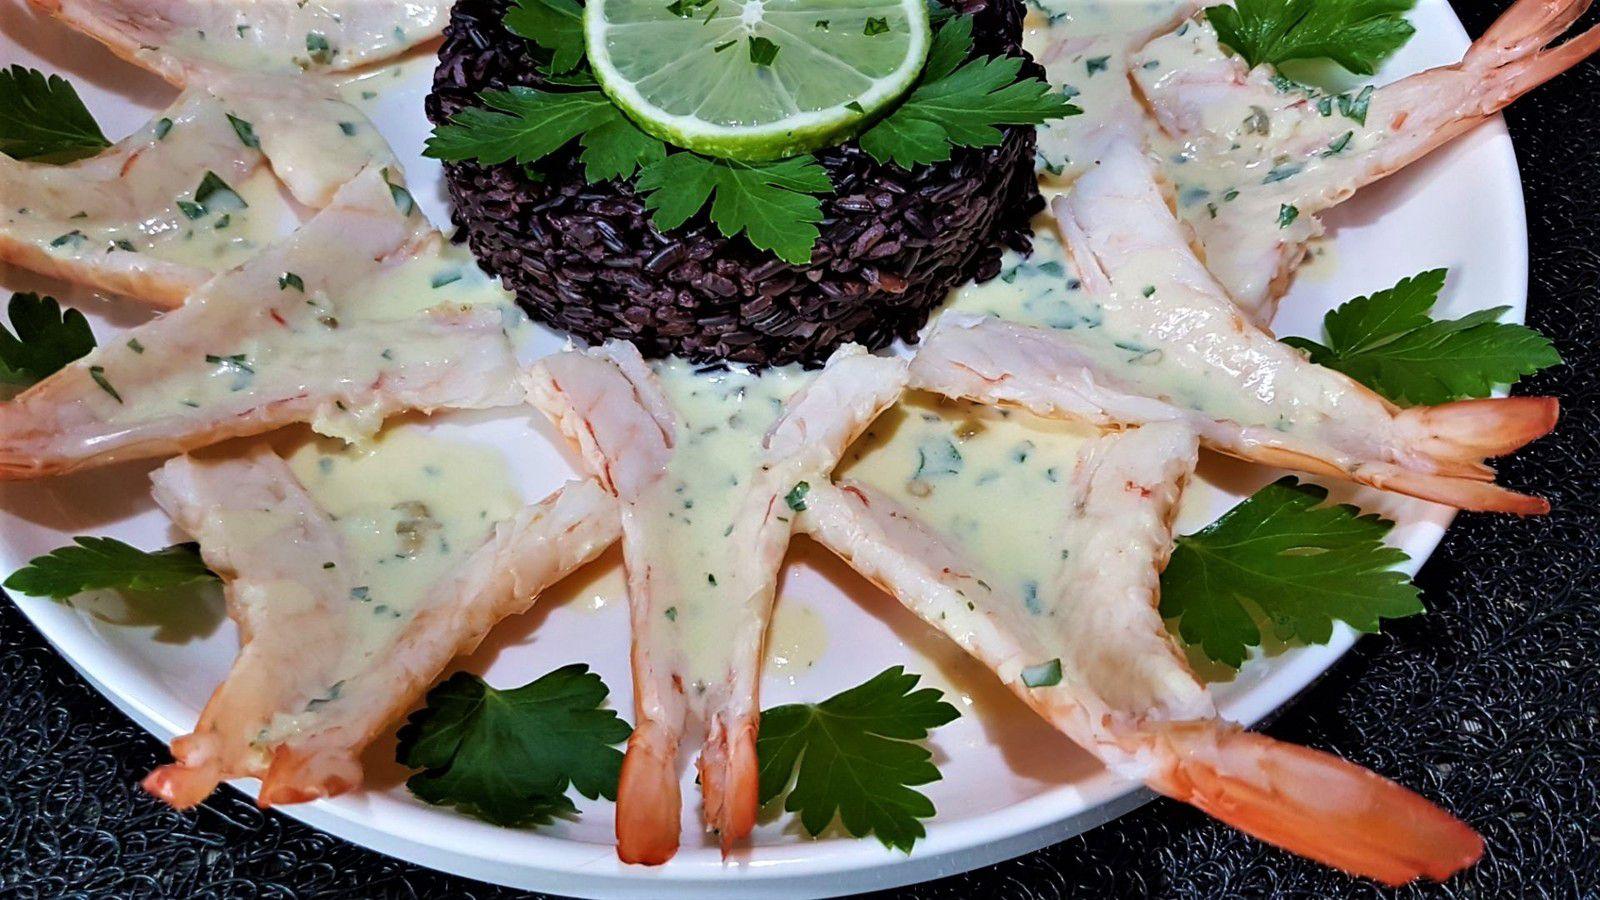 5 - Décorer de quelques feuilles de persil plat frais, d'une rondelle de citron et servir de suite accompagné de la sauce.